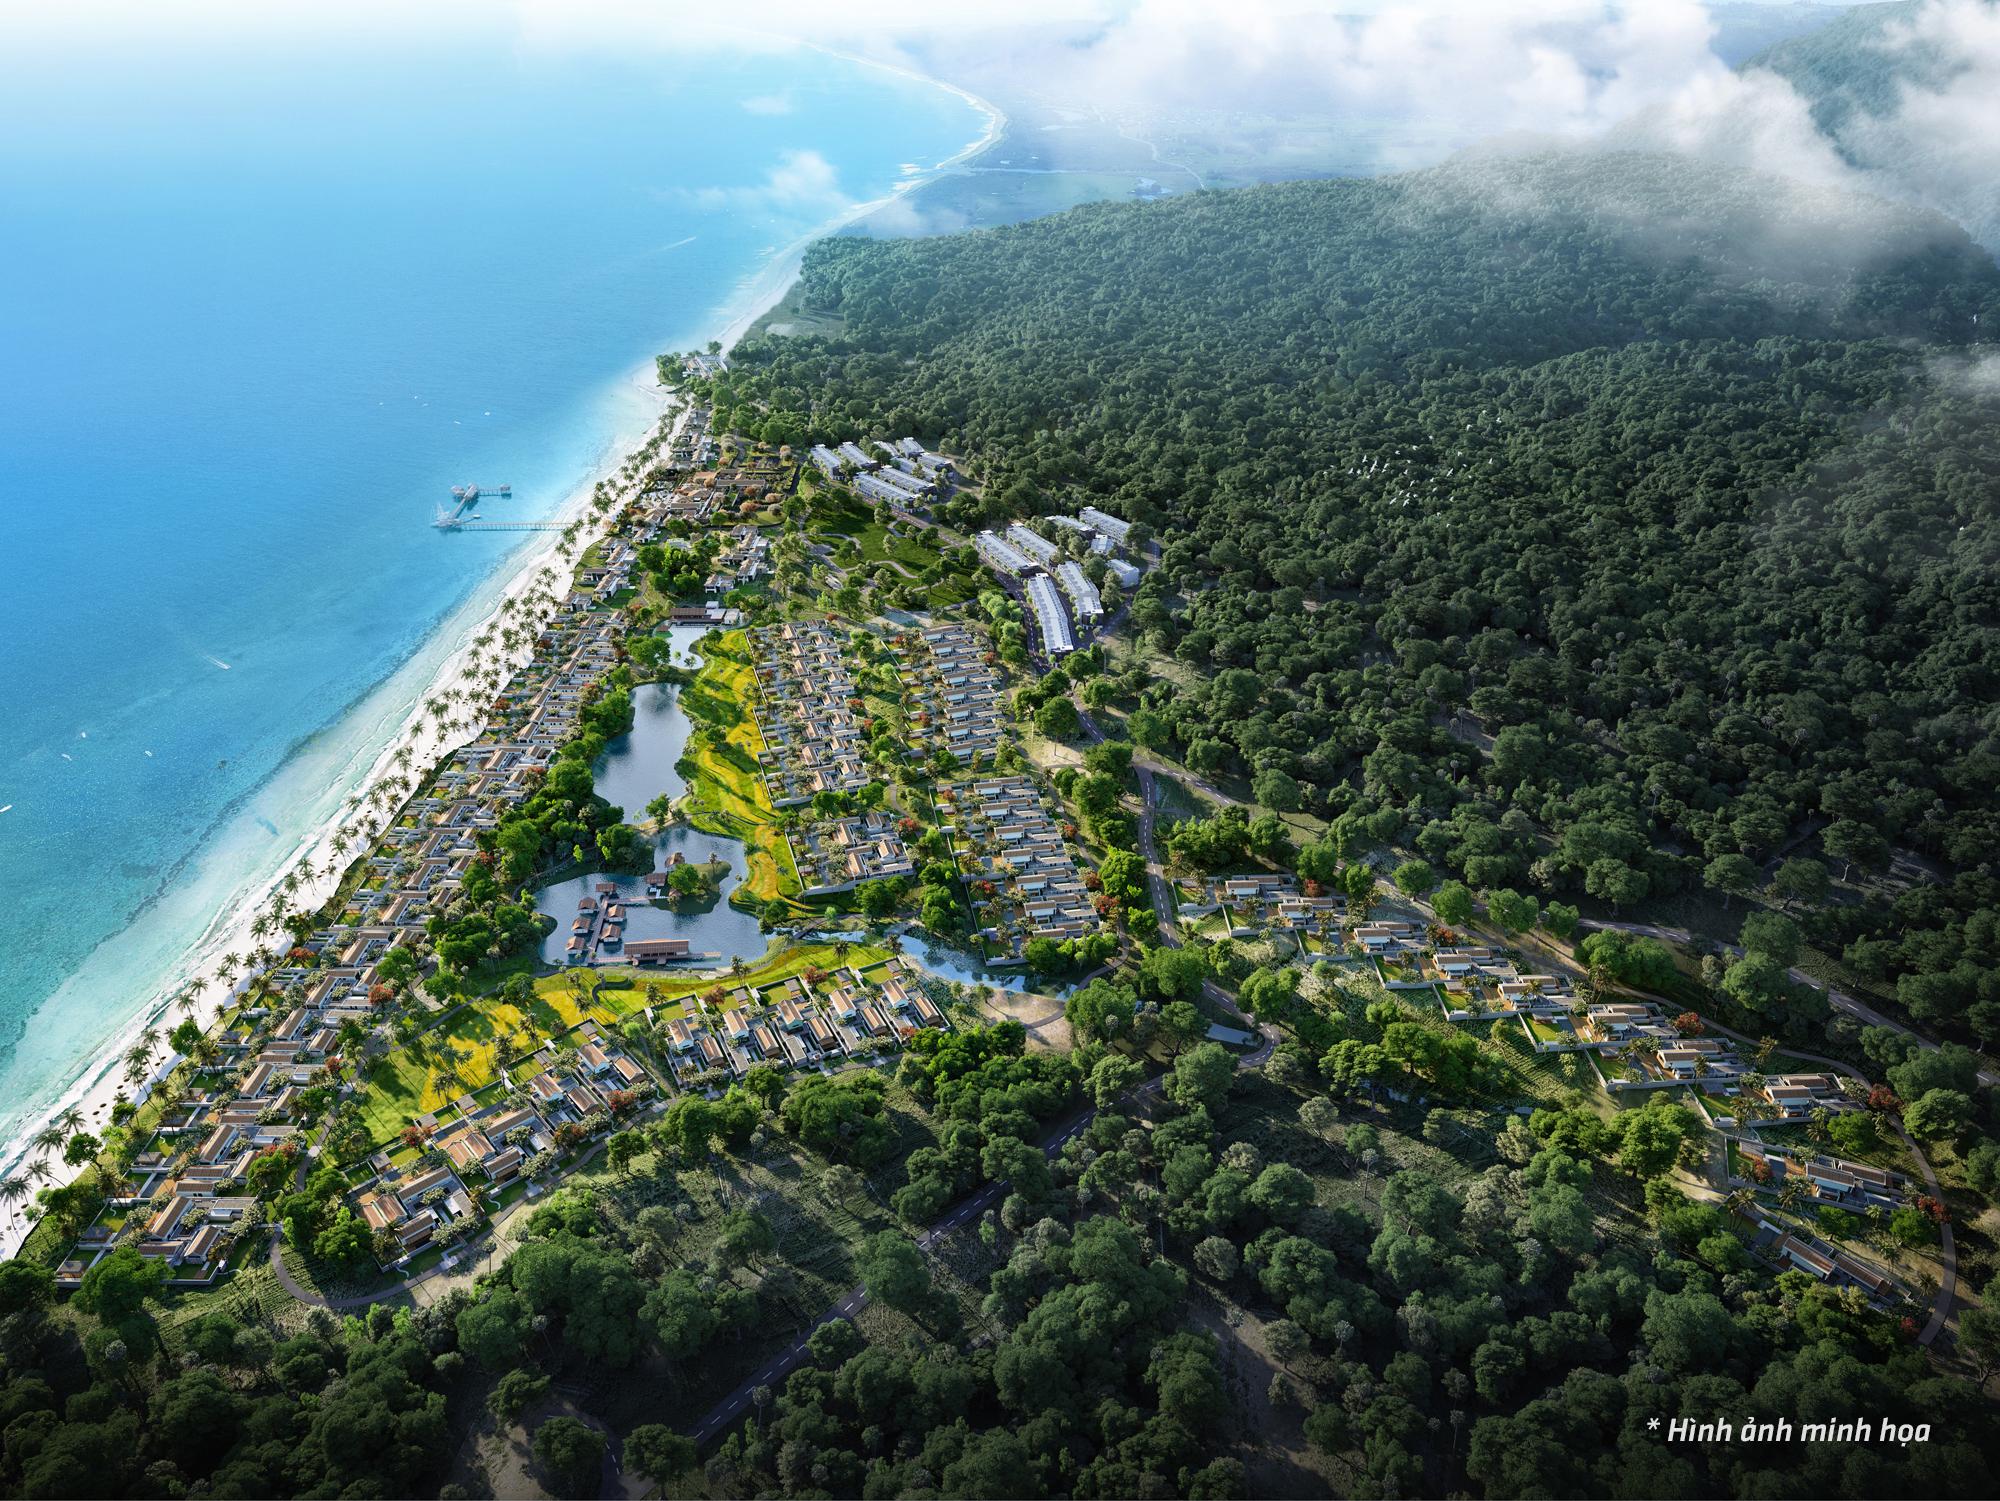 Biệt thự Park Hyatt Phú Quốc Residences 65ha